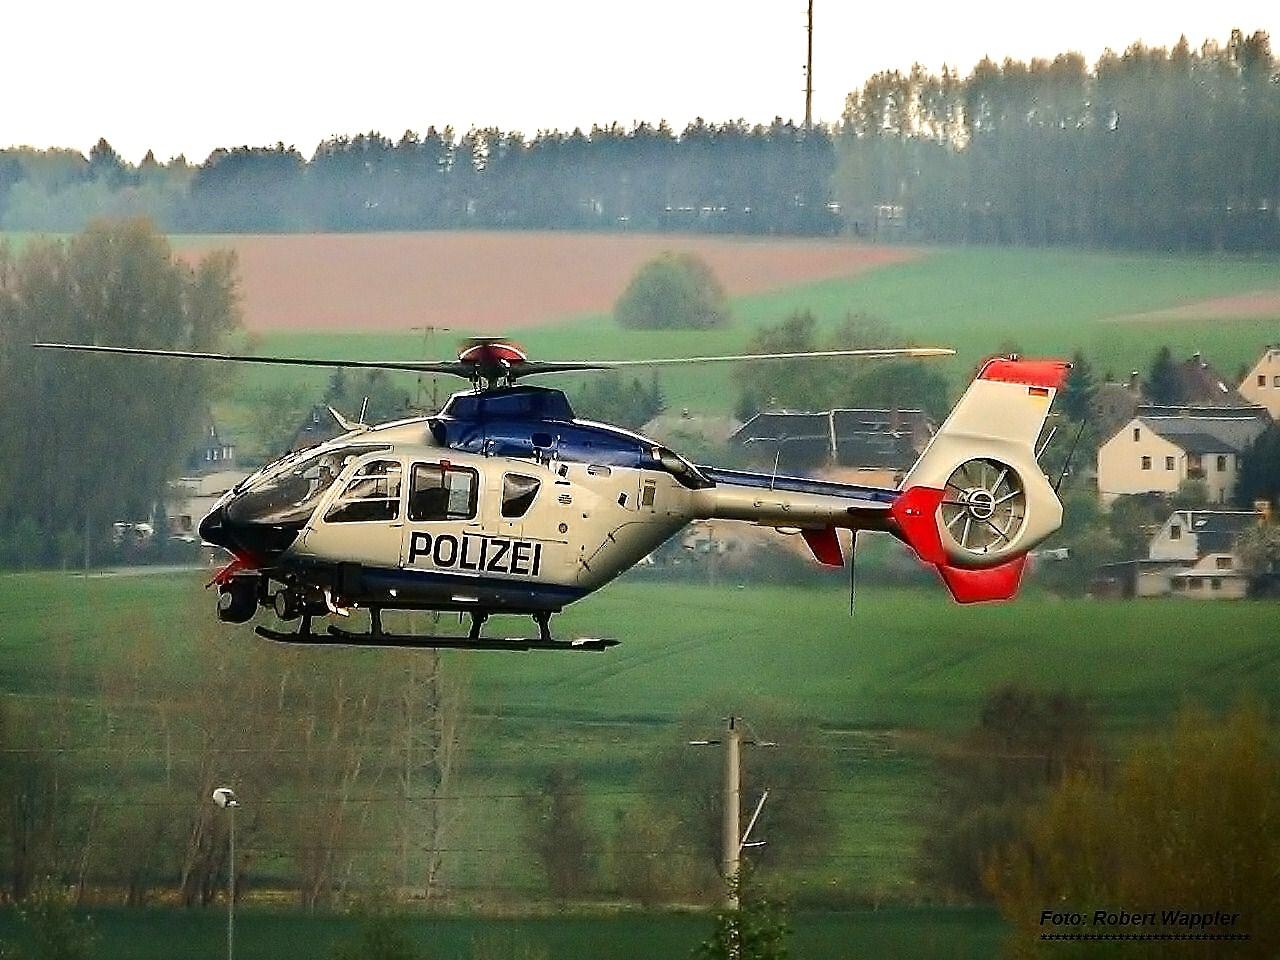 Polizeihubschrauber der Hubschrauberstaffel Dresden